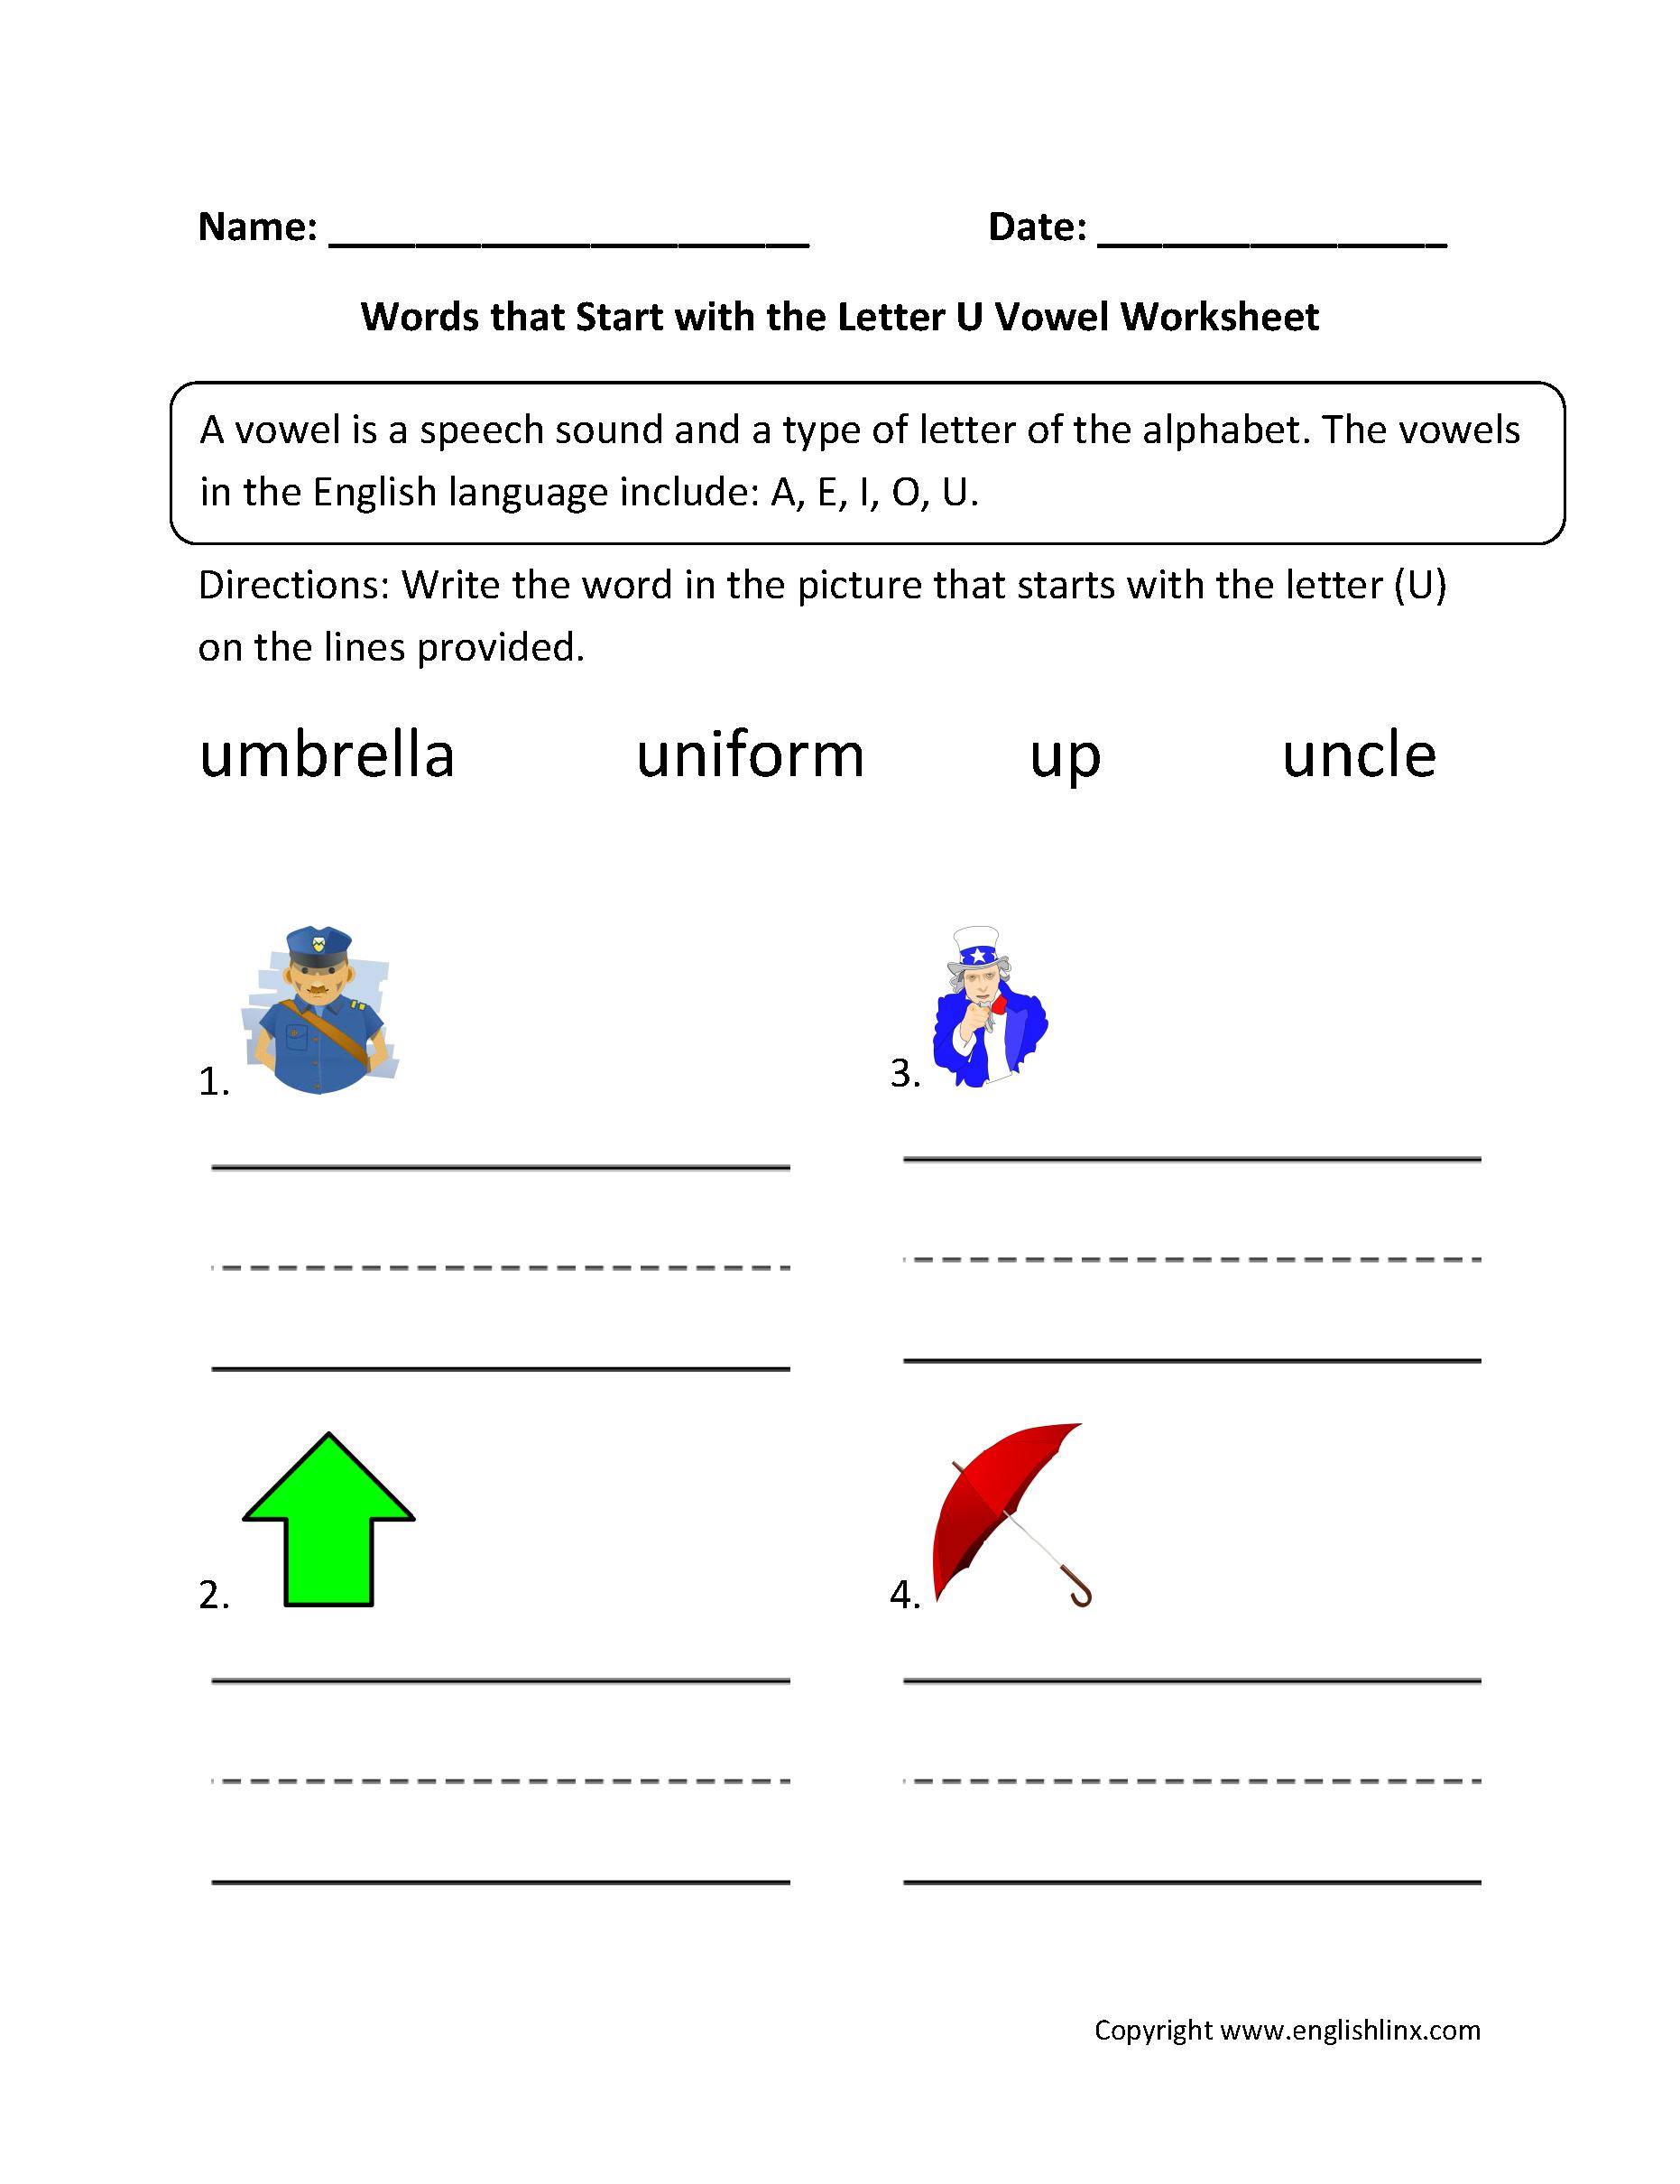 Words Start Letter U Vowel Worksheets  EnglishlinxCom Board